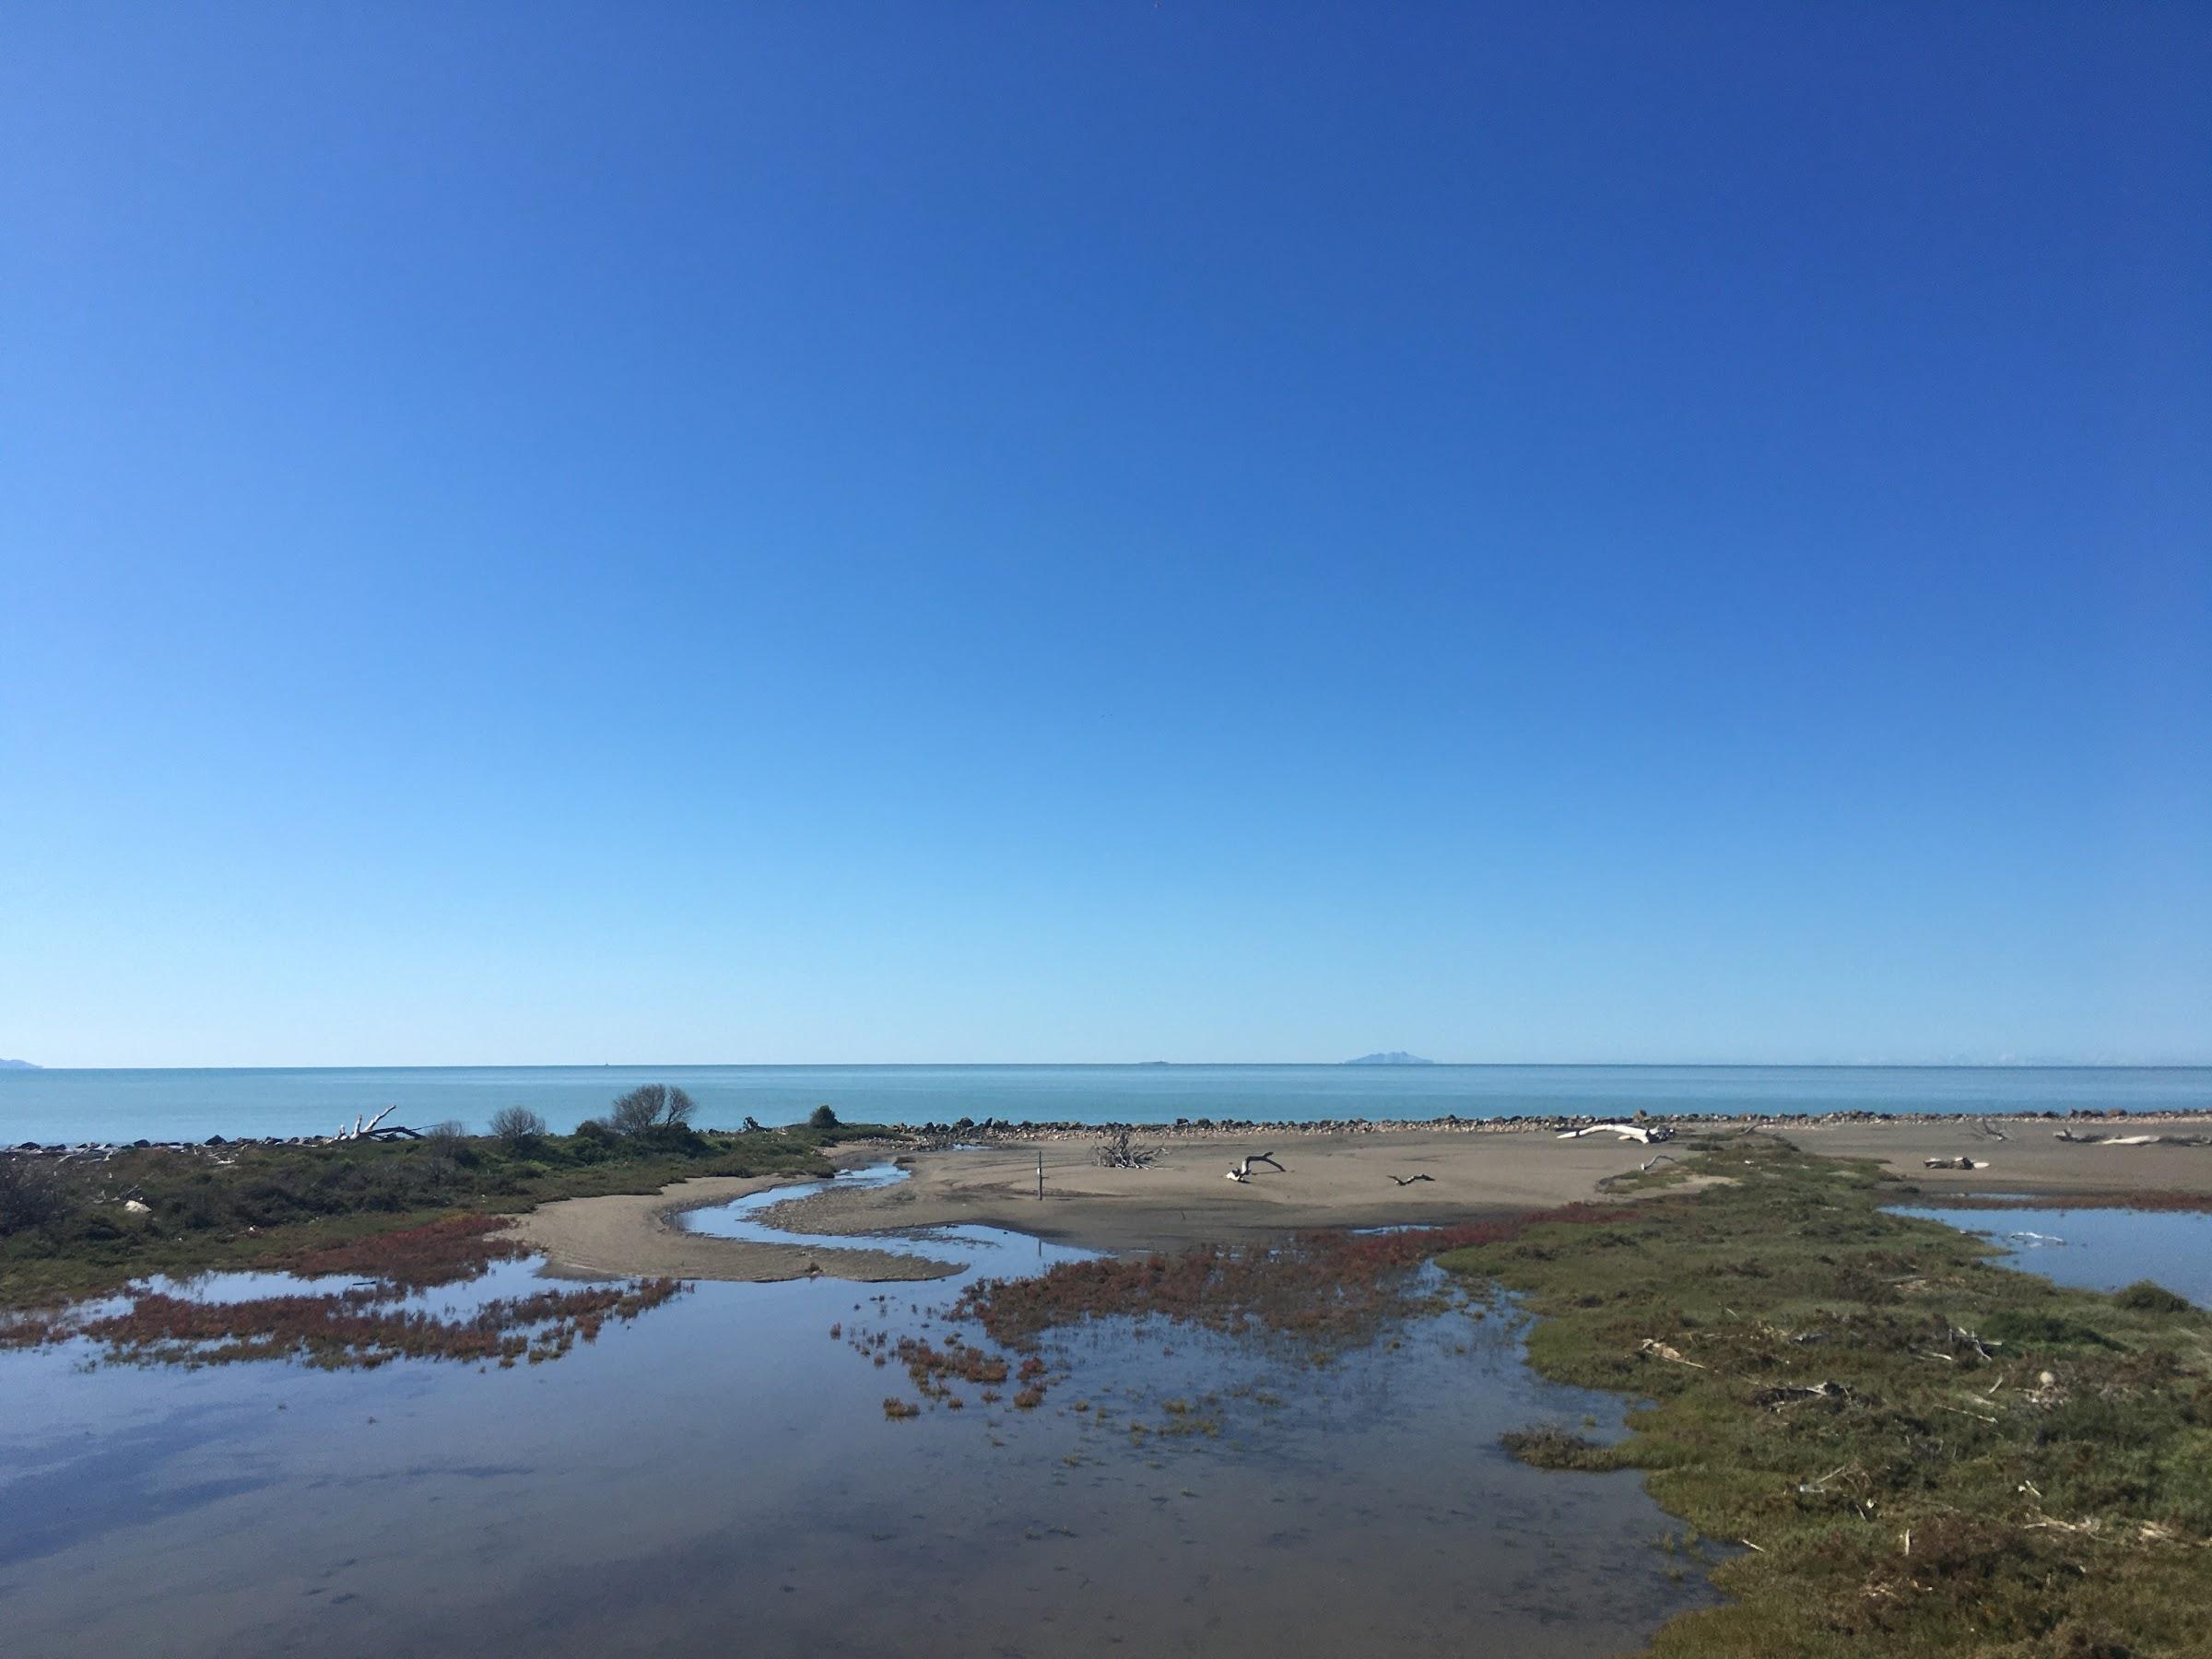 Spiaggia dei tronchi, Parco naturale della Maremma